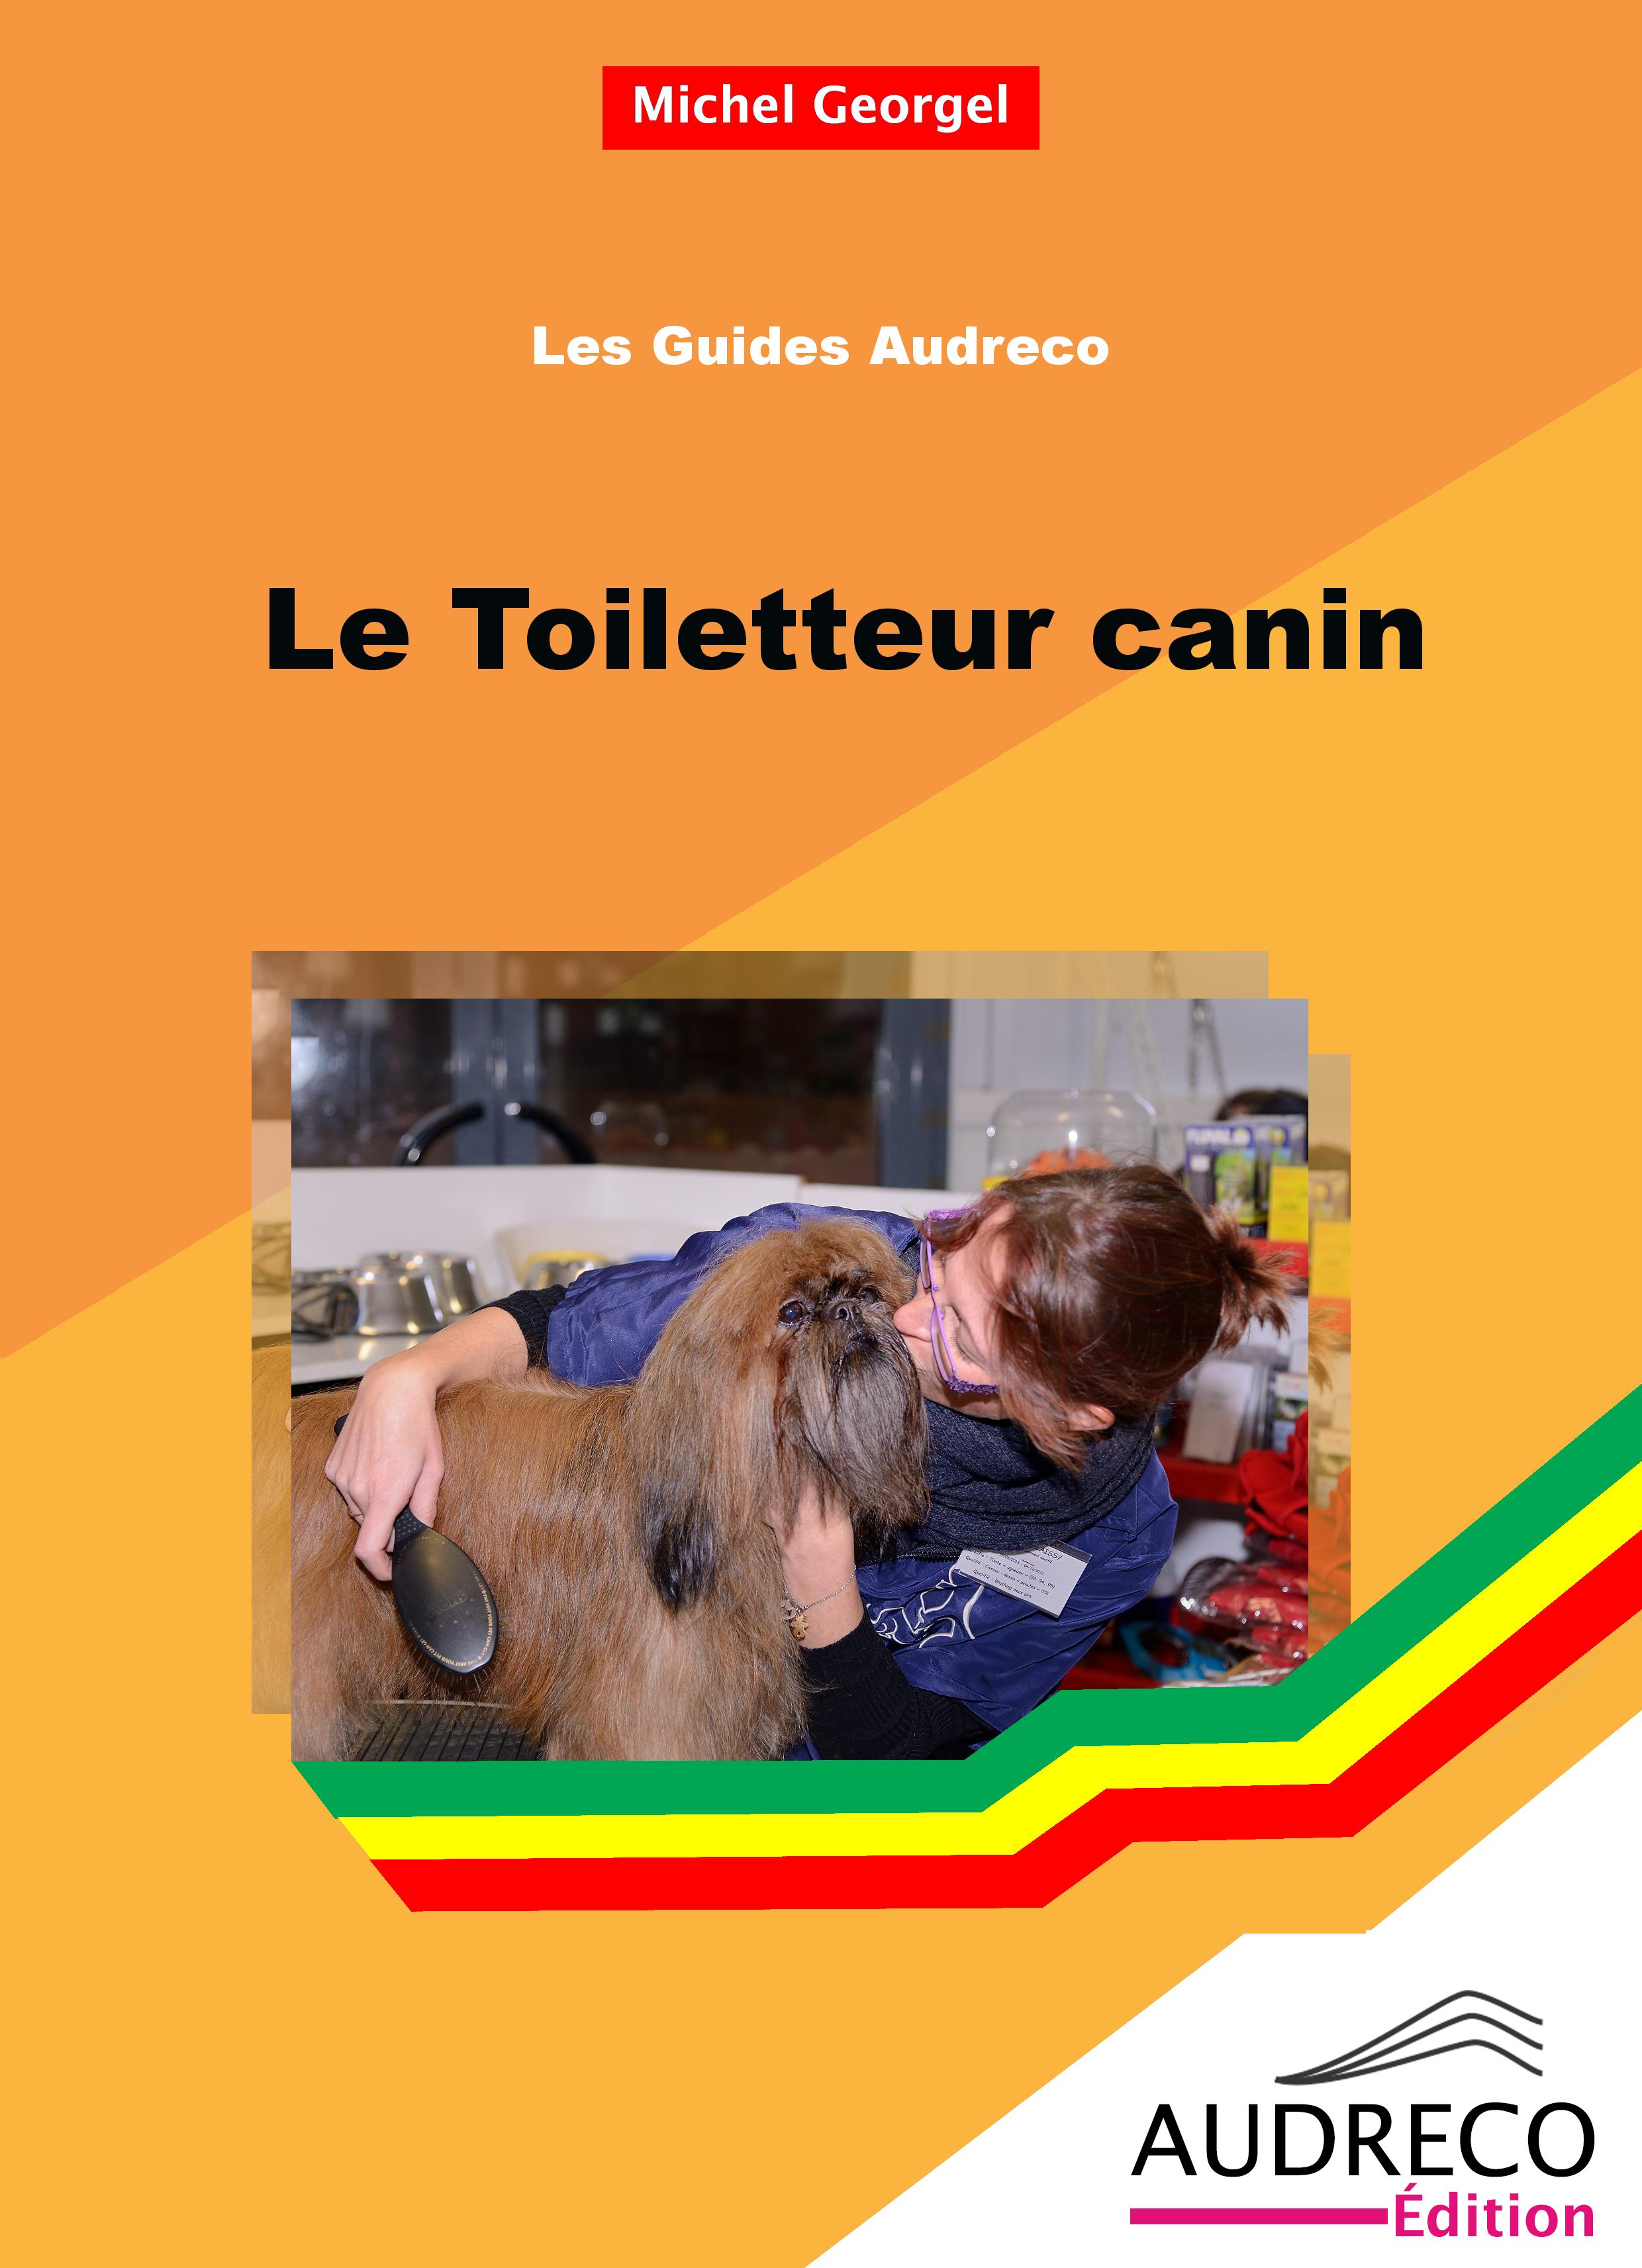 Le toiletteur canin